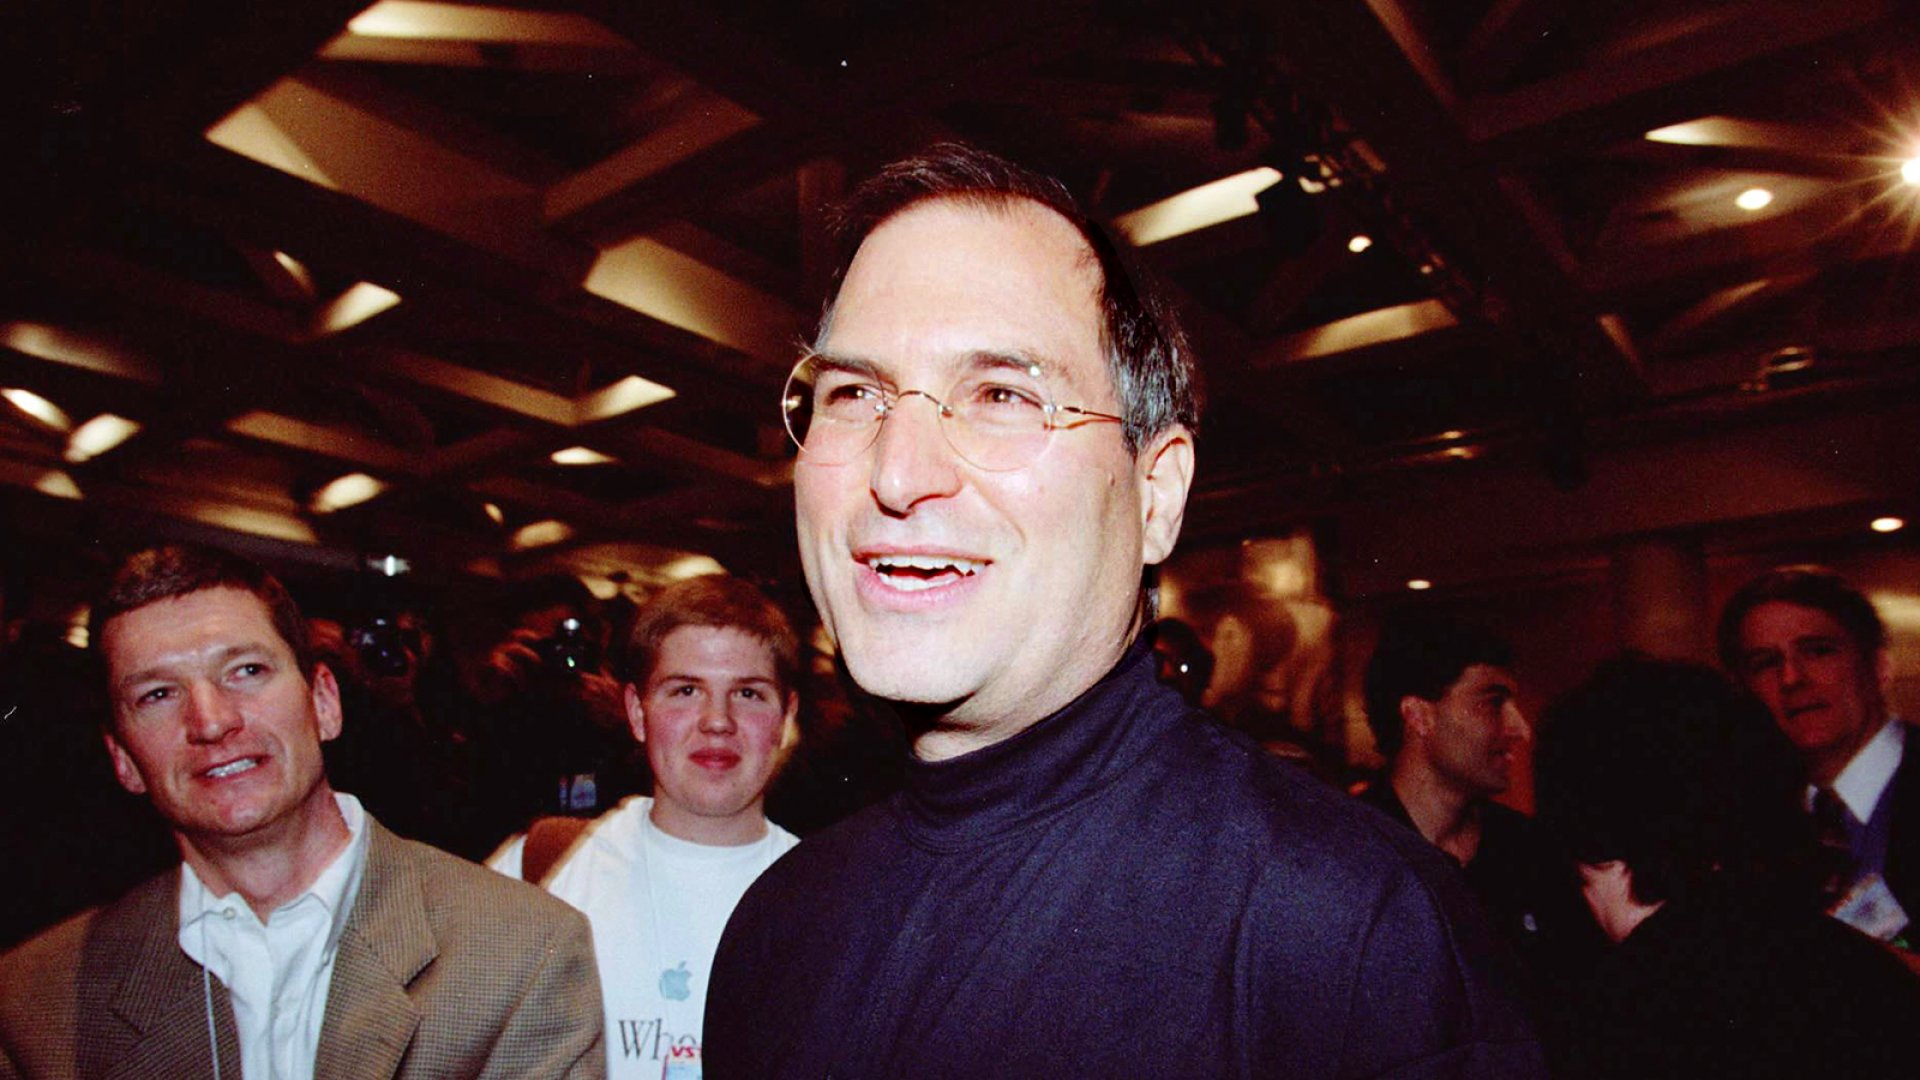 The late Apple CEO Steve Jobs.